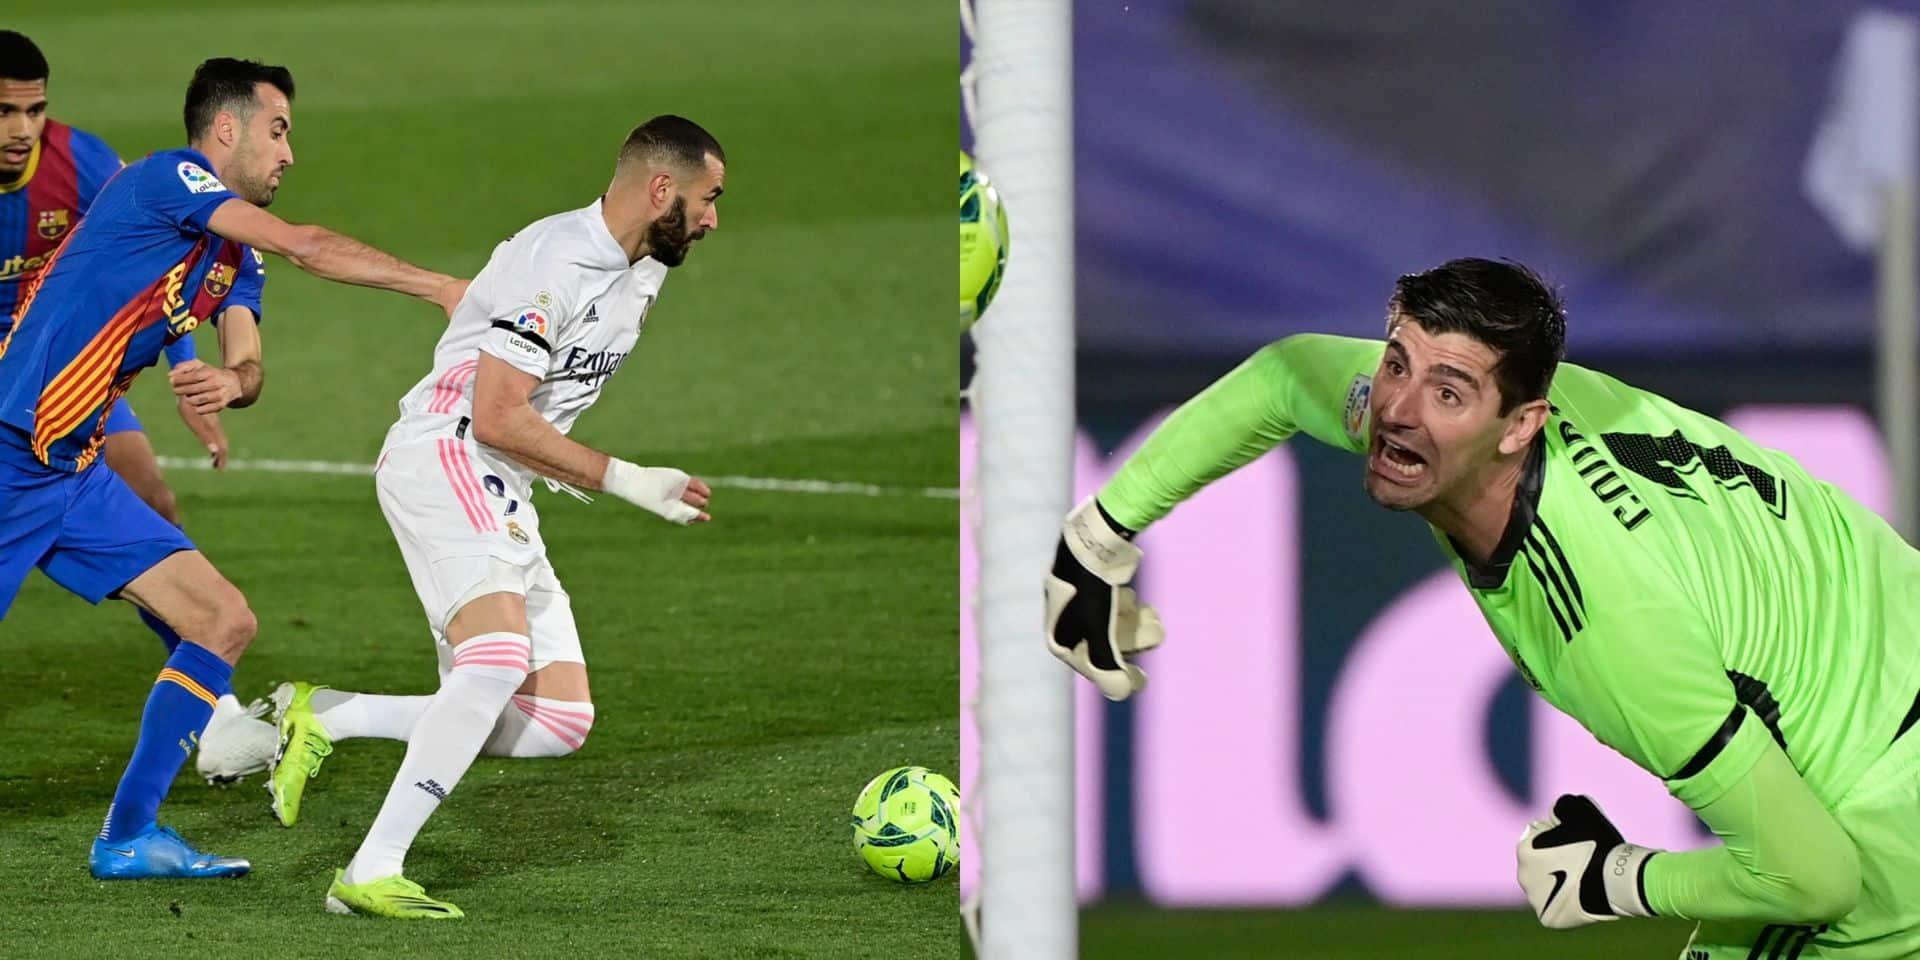 Avec un bijou de Benzema et un Courtois décisif, le Real Madrid remporte le Clasico (VIDEOS)